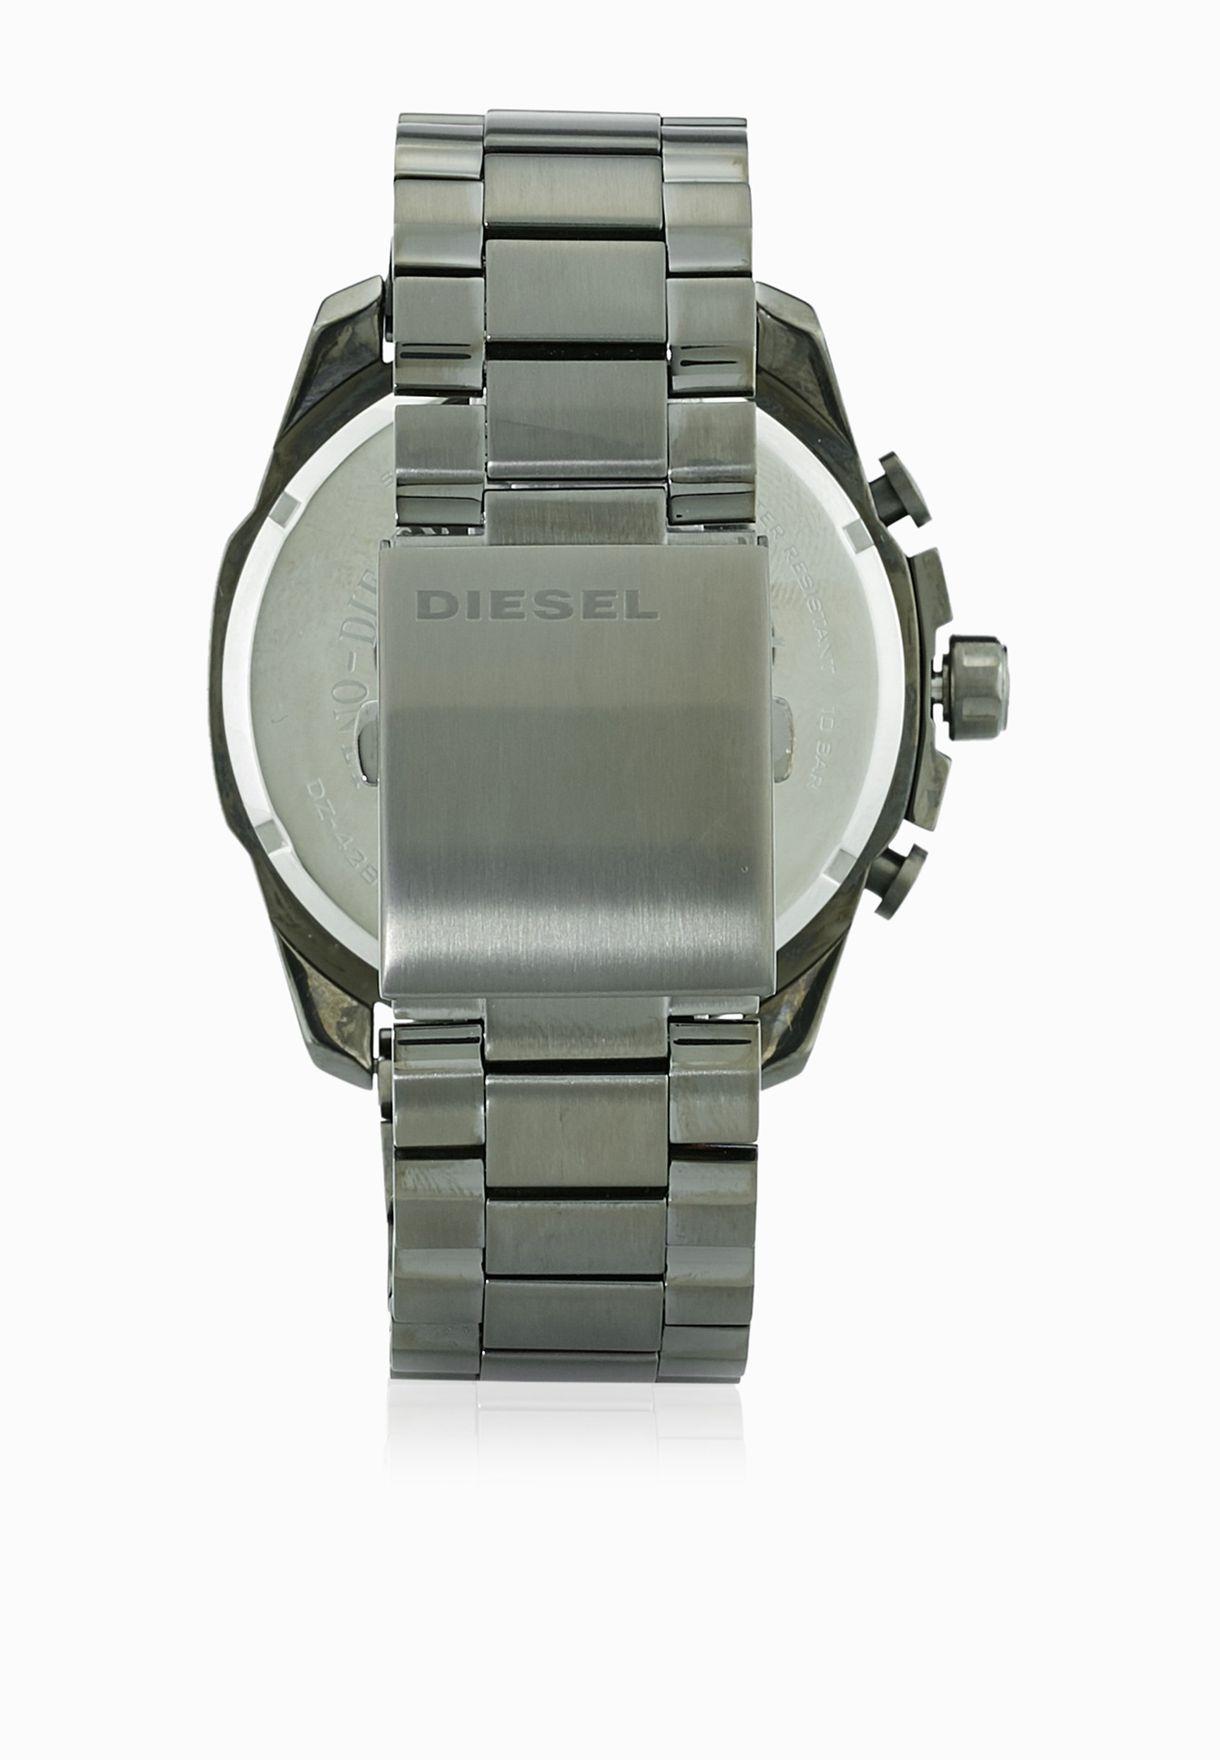 Diesel Chief  Watch